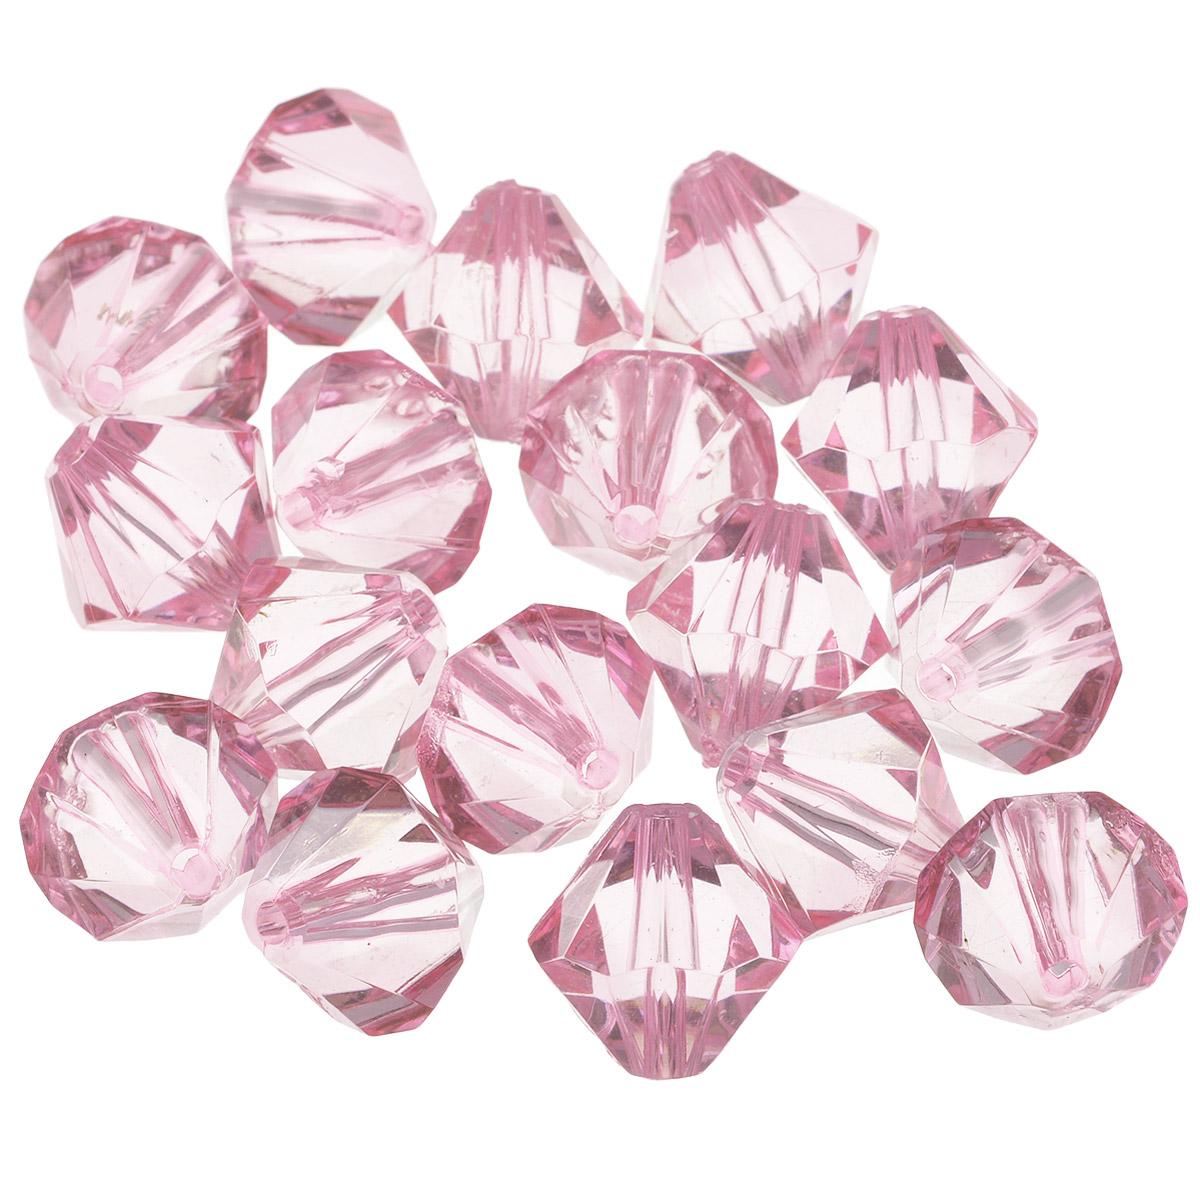 Бусины Астра, цвет: нежно-розовый (3), 16 мм х 17 мм, 25 г. 684982_3684982_3Набор бусин Астра, изготовленный из акрила, позволит вам своими руками создать оригинальные ожерелья, бусы или браслеты. Одноцветные ромбовидные бусины оригинального и яркого дизайна оснащены рельефными, многогранными поверхностями. Изготовление украшений - занимательное хобби и реализация творческих способностей рукодельницы, это возможность создания неповторимого индивидуального подарка. Размер бусины: 16 мм х 17 мм.